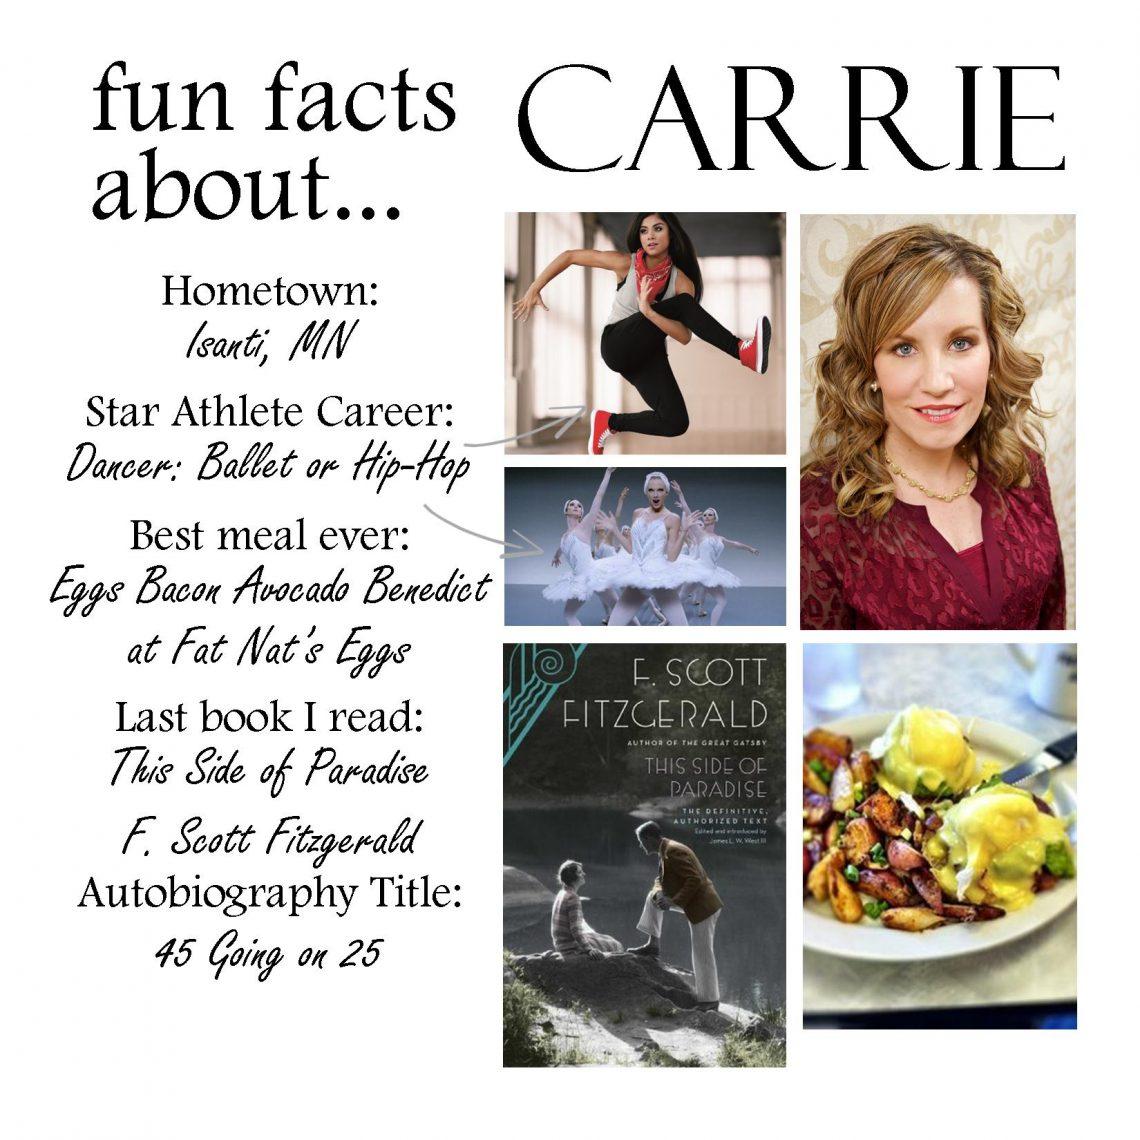 carrie-fun-fact